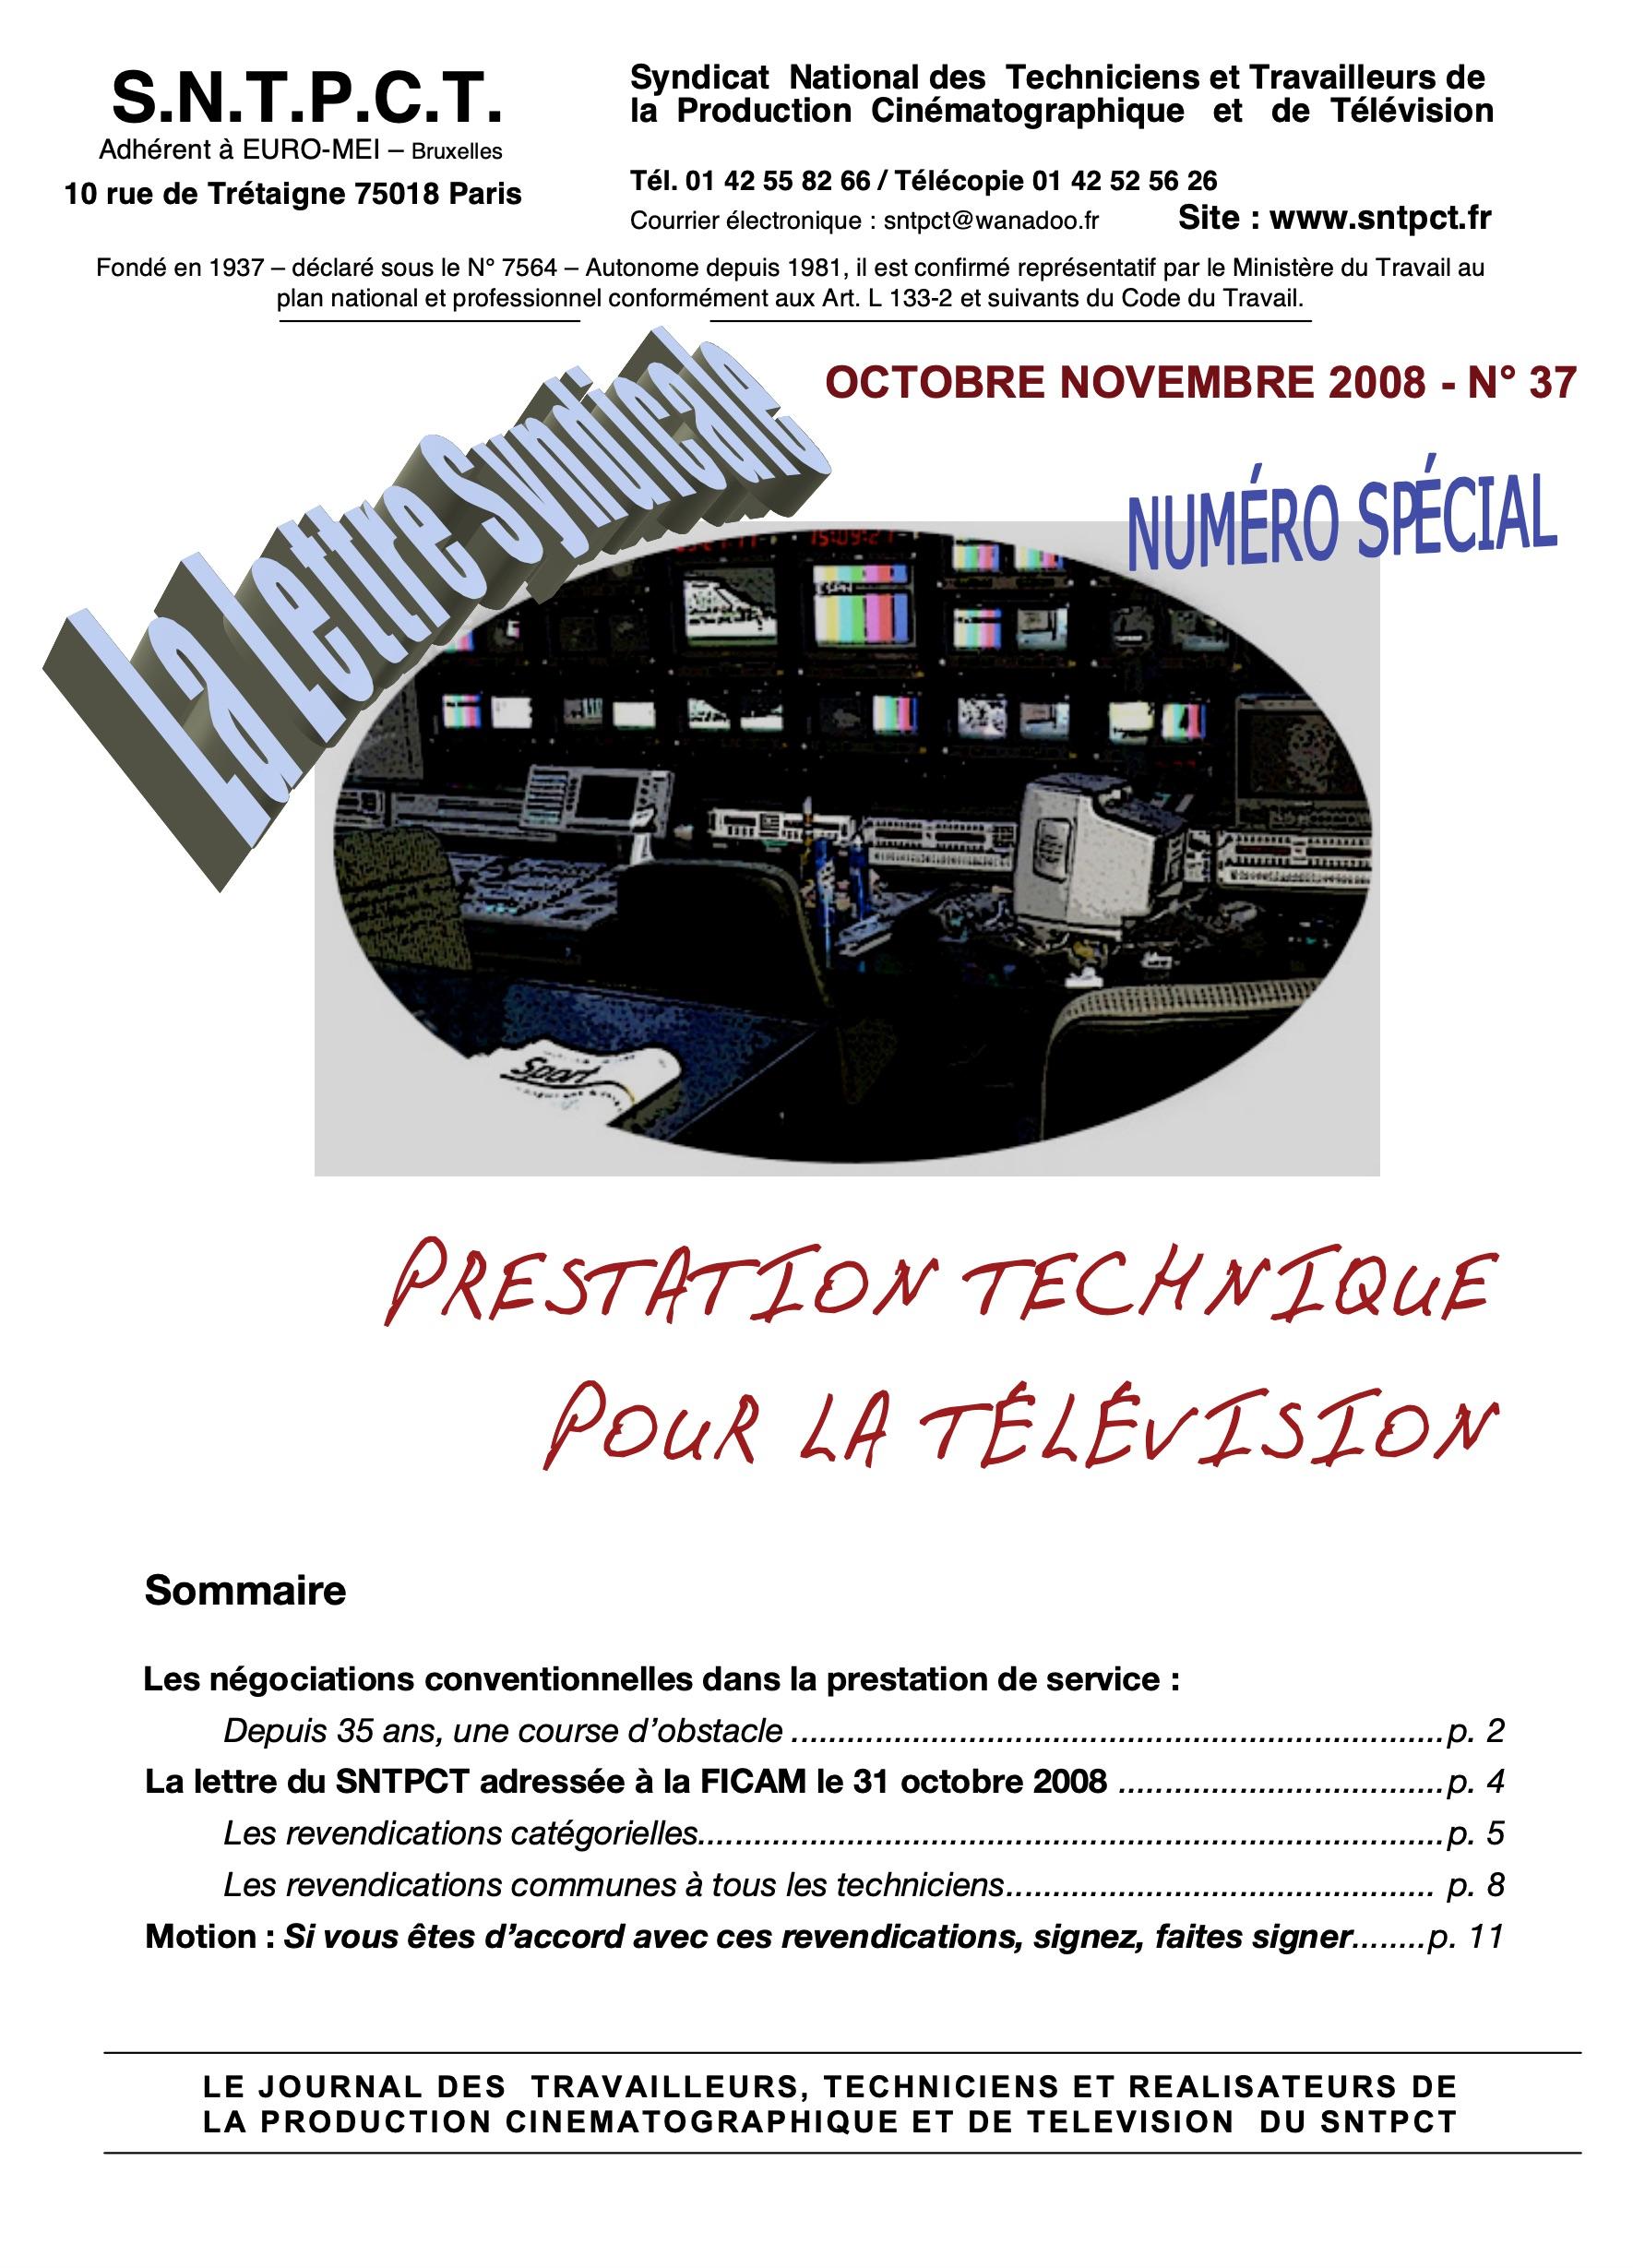 Lettre octobre novembre 2008 n37